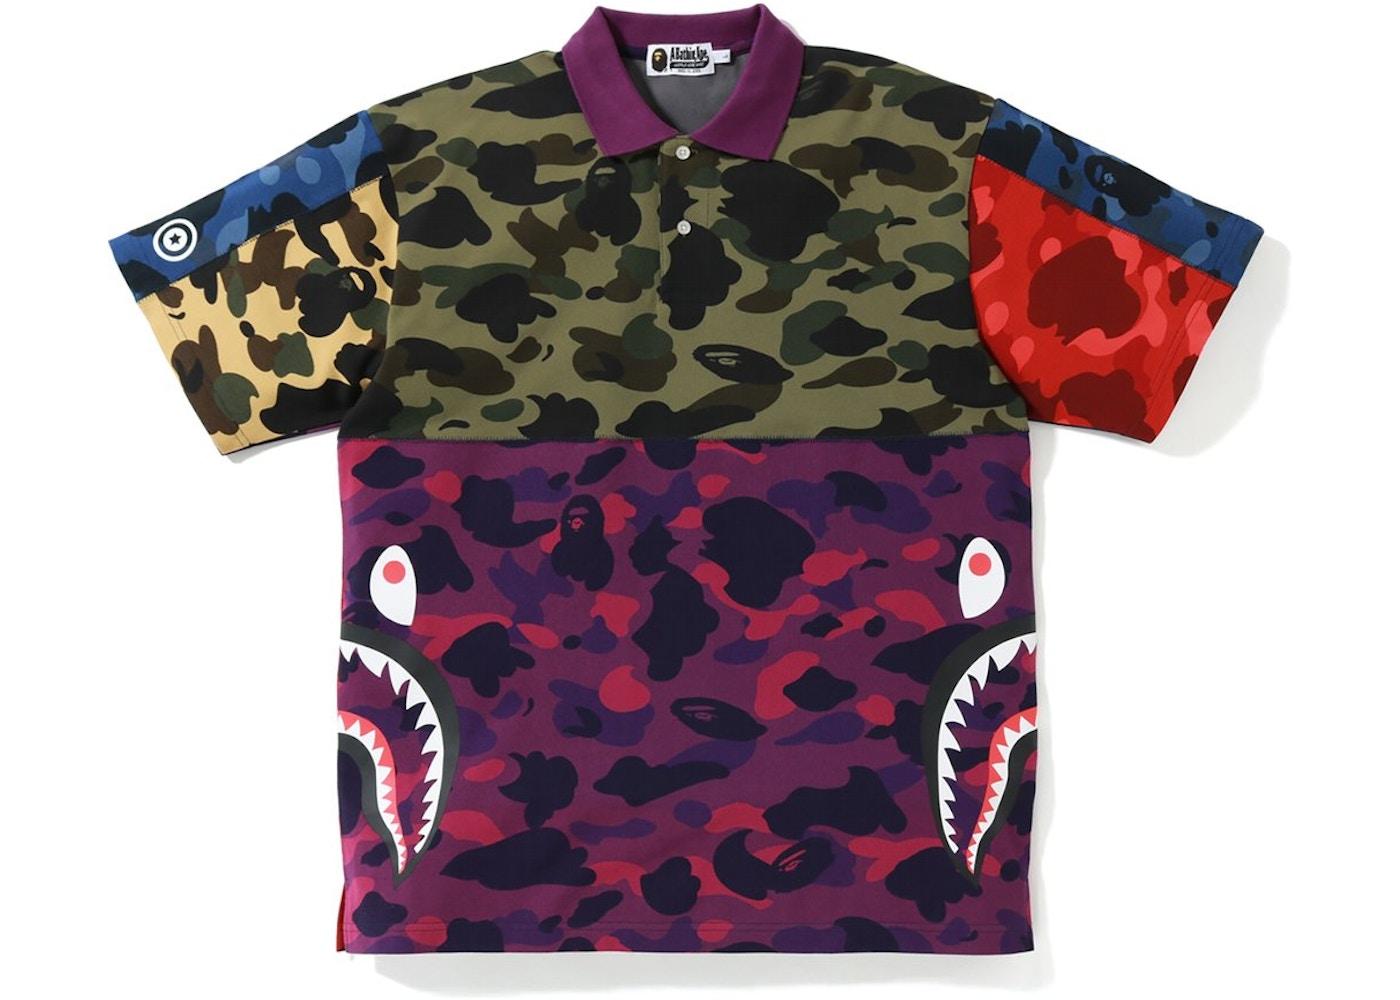 bdbfa8f4 Buy & Sell Bape Streetwear